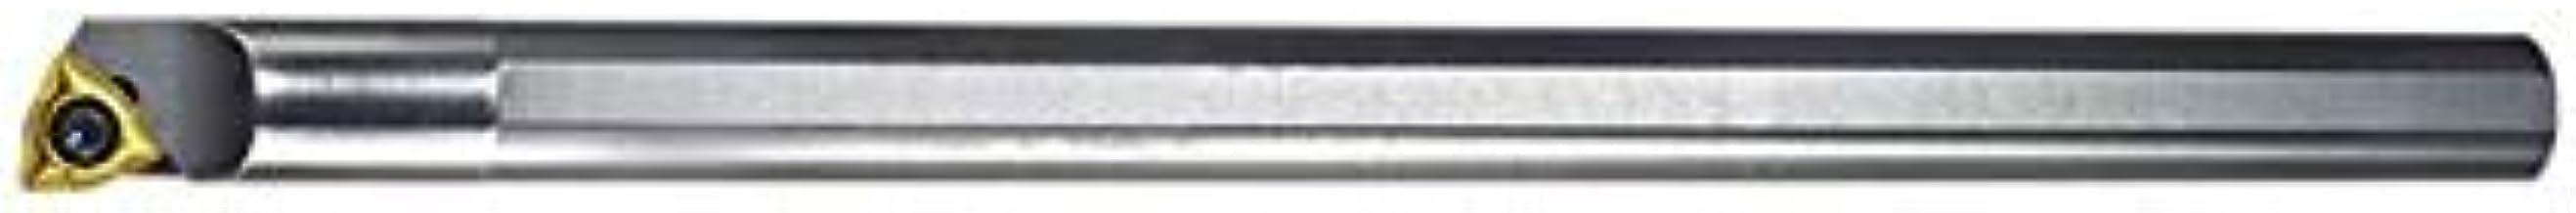 Everede S10S STFCR-2 Steel Boring Bar